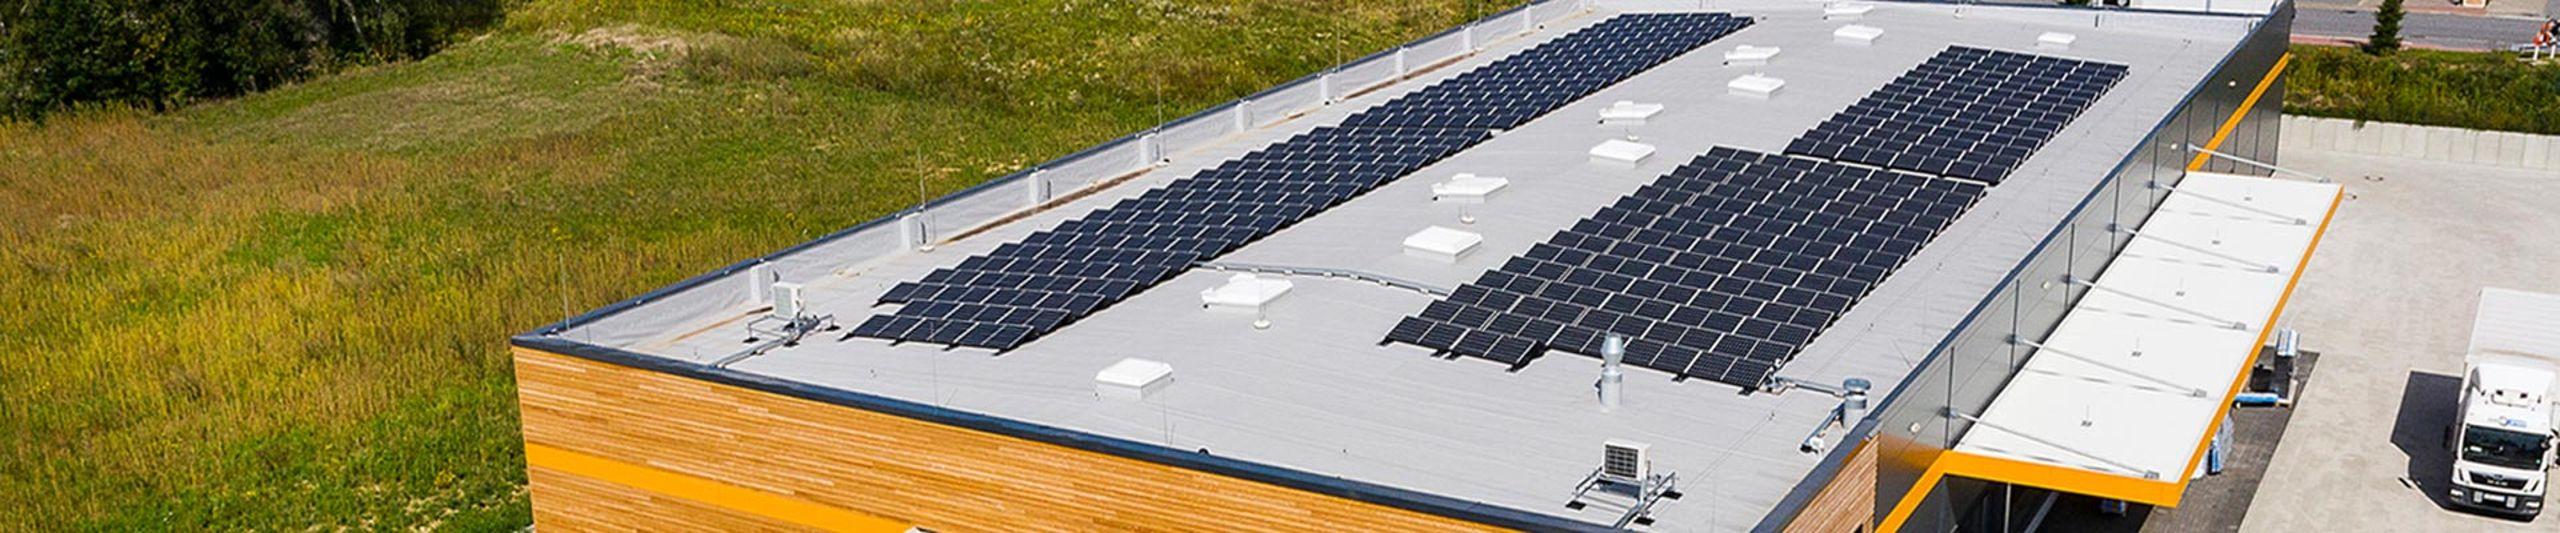 Energieeffizient bauen mit Zuschüssen